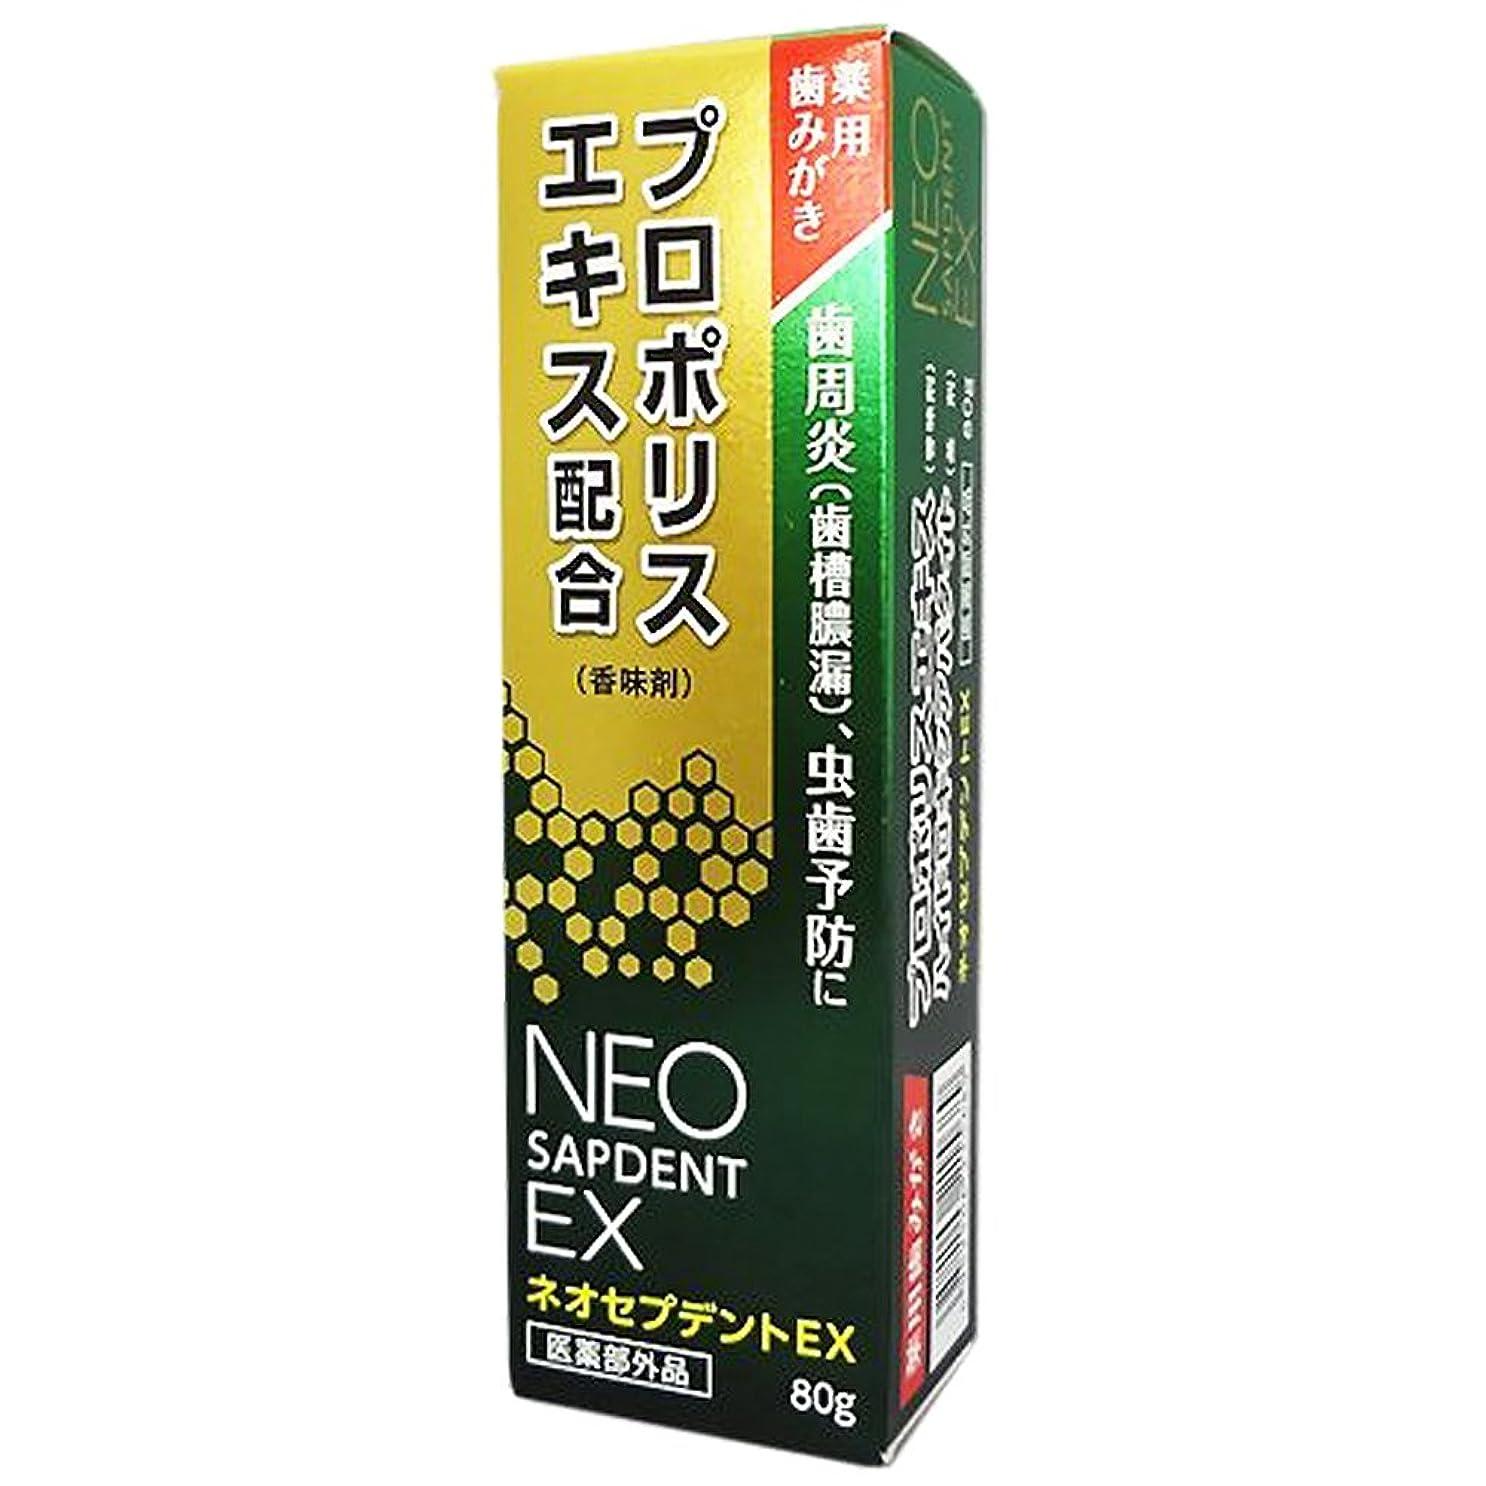 ステーキくまお森川健康堂 ネオセプデントEX 80g